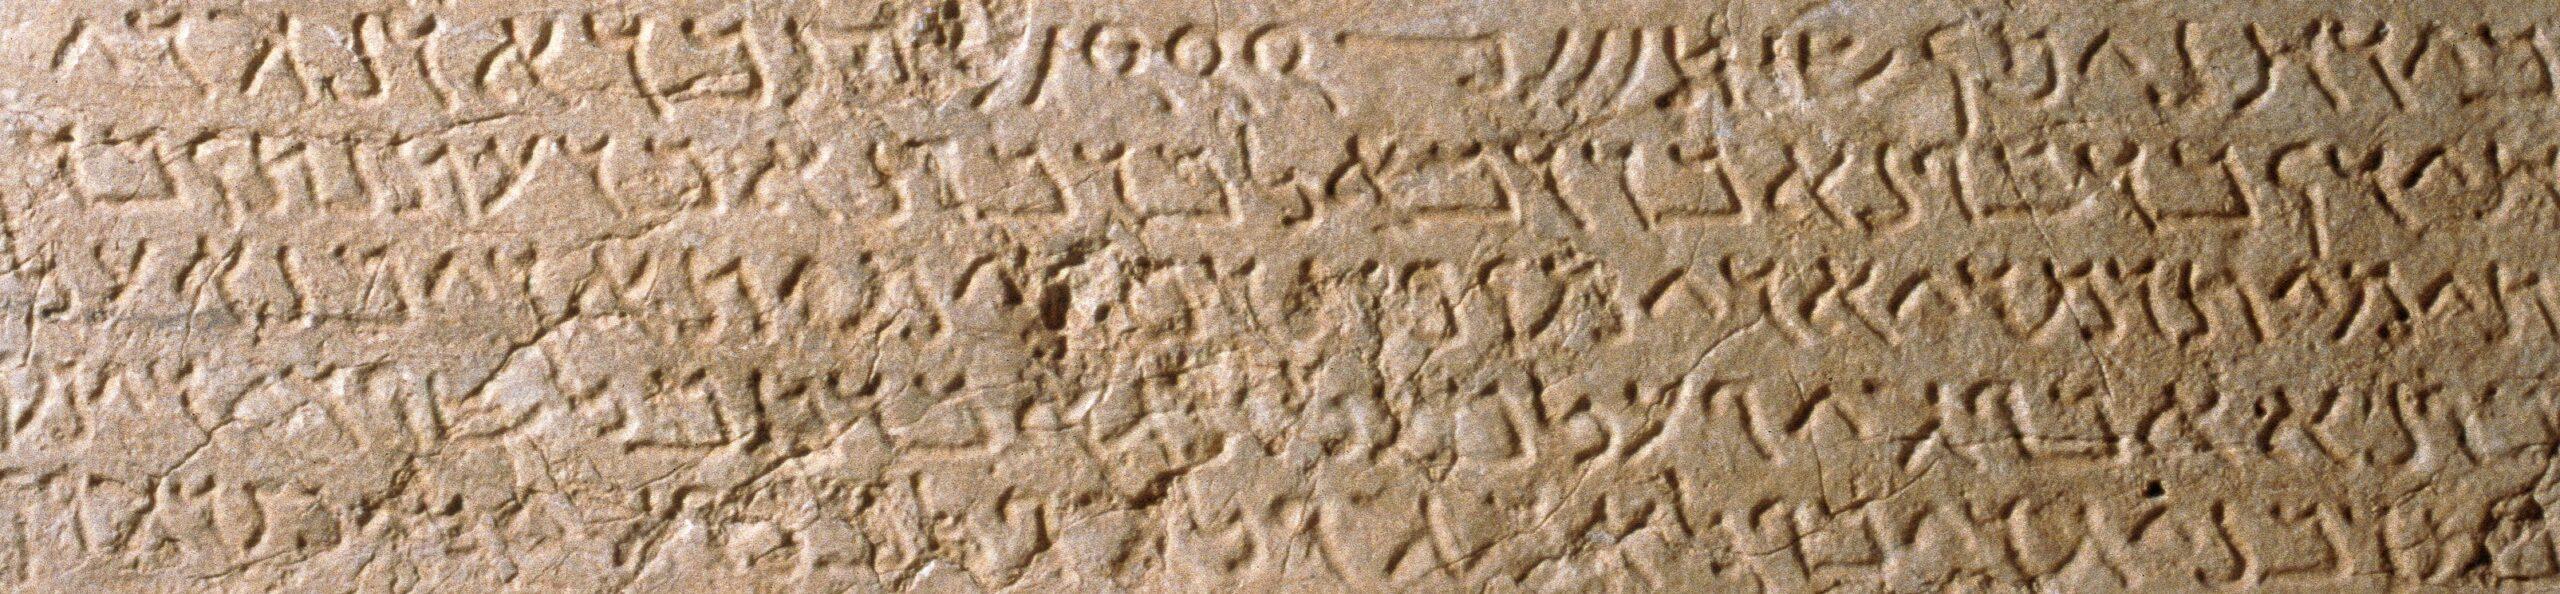 Ausschnitt der Trilingue vom Hypogäum des Hairan in Lateinisch, Griechisch und Palmyrenisch aus der Südwestnekropole Palmyras